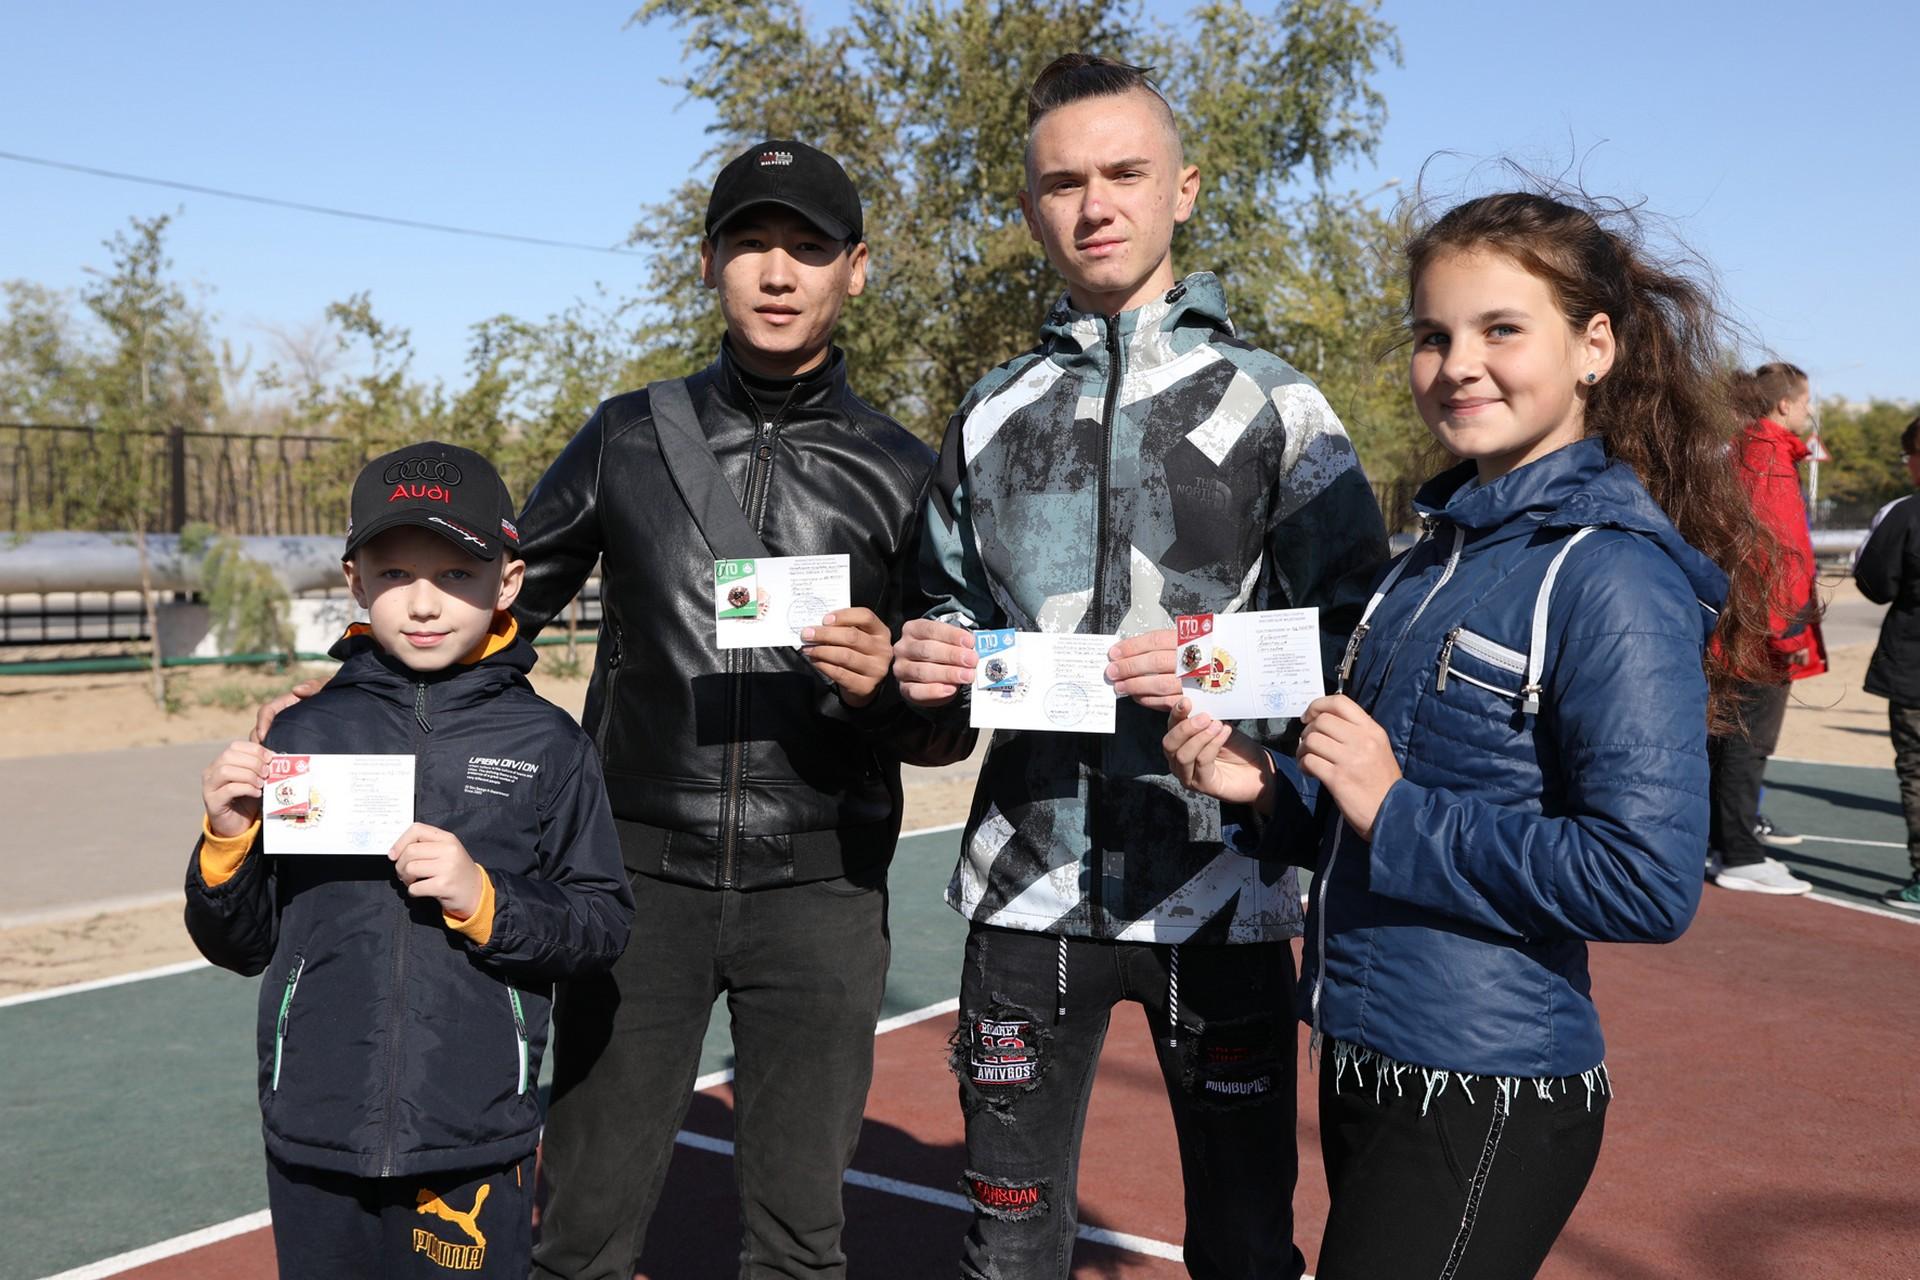 Школьникам вручили знаки отличия Всероссийского физкультурно-спортивного комплекса «Готов к труду и обороне»